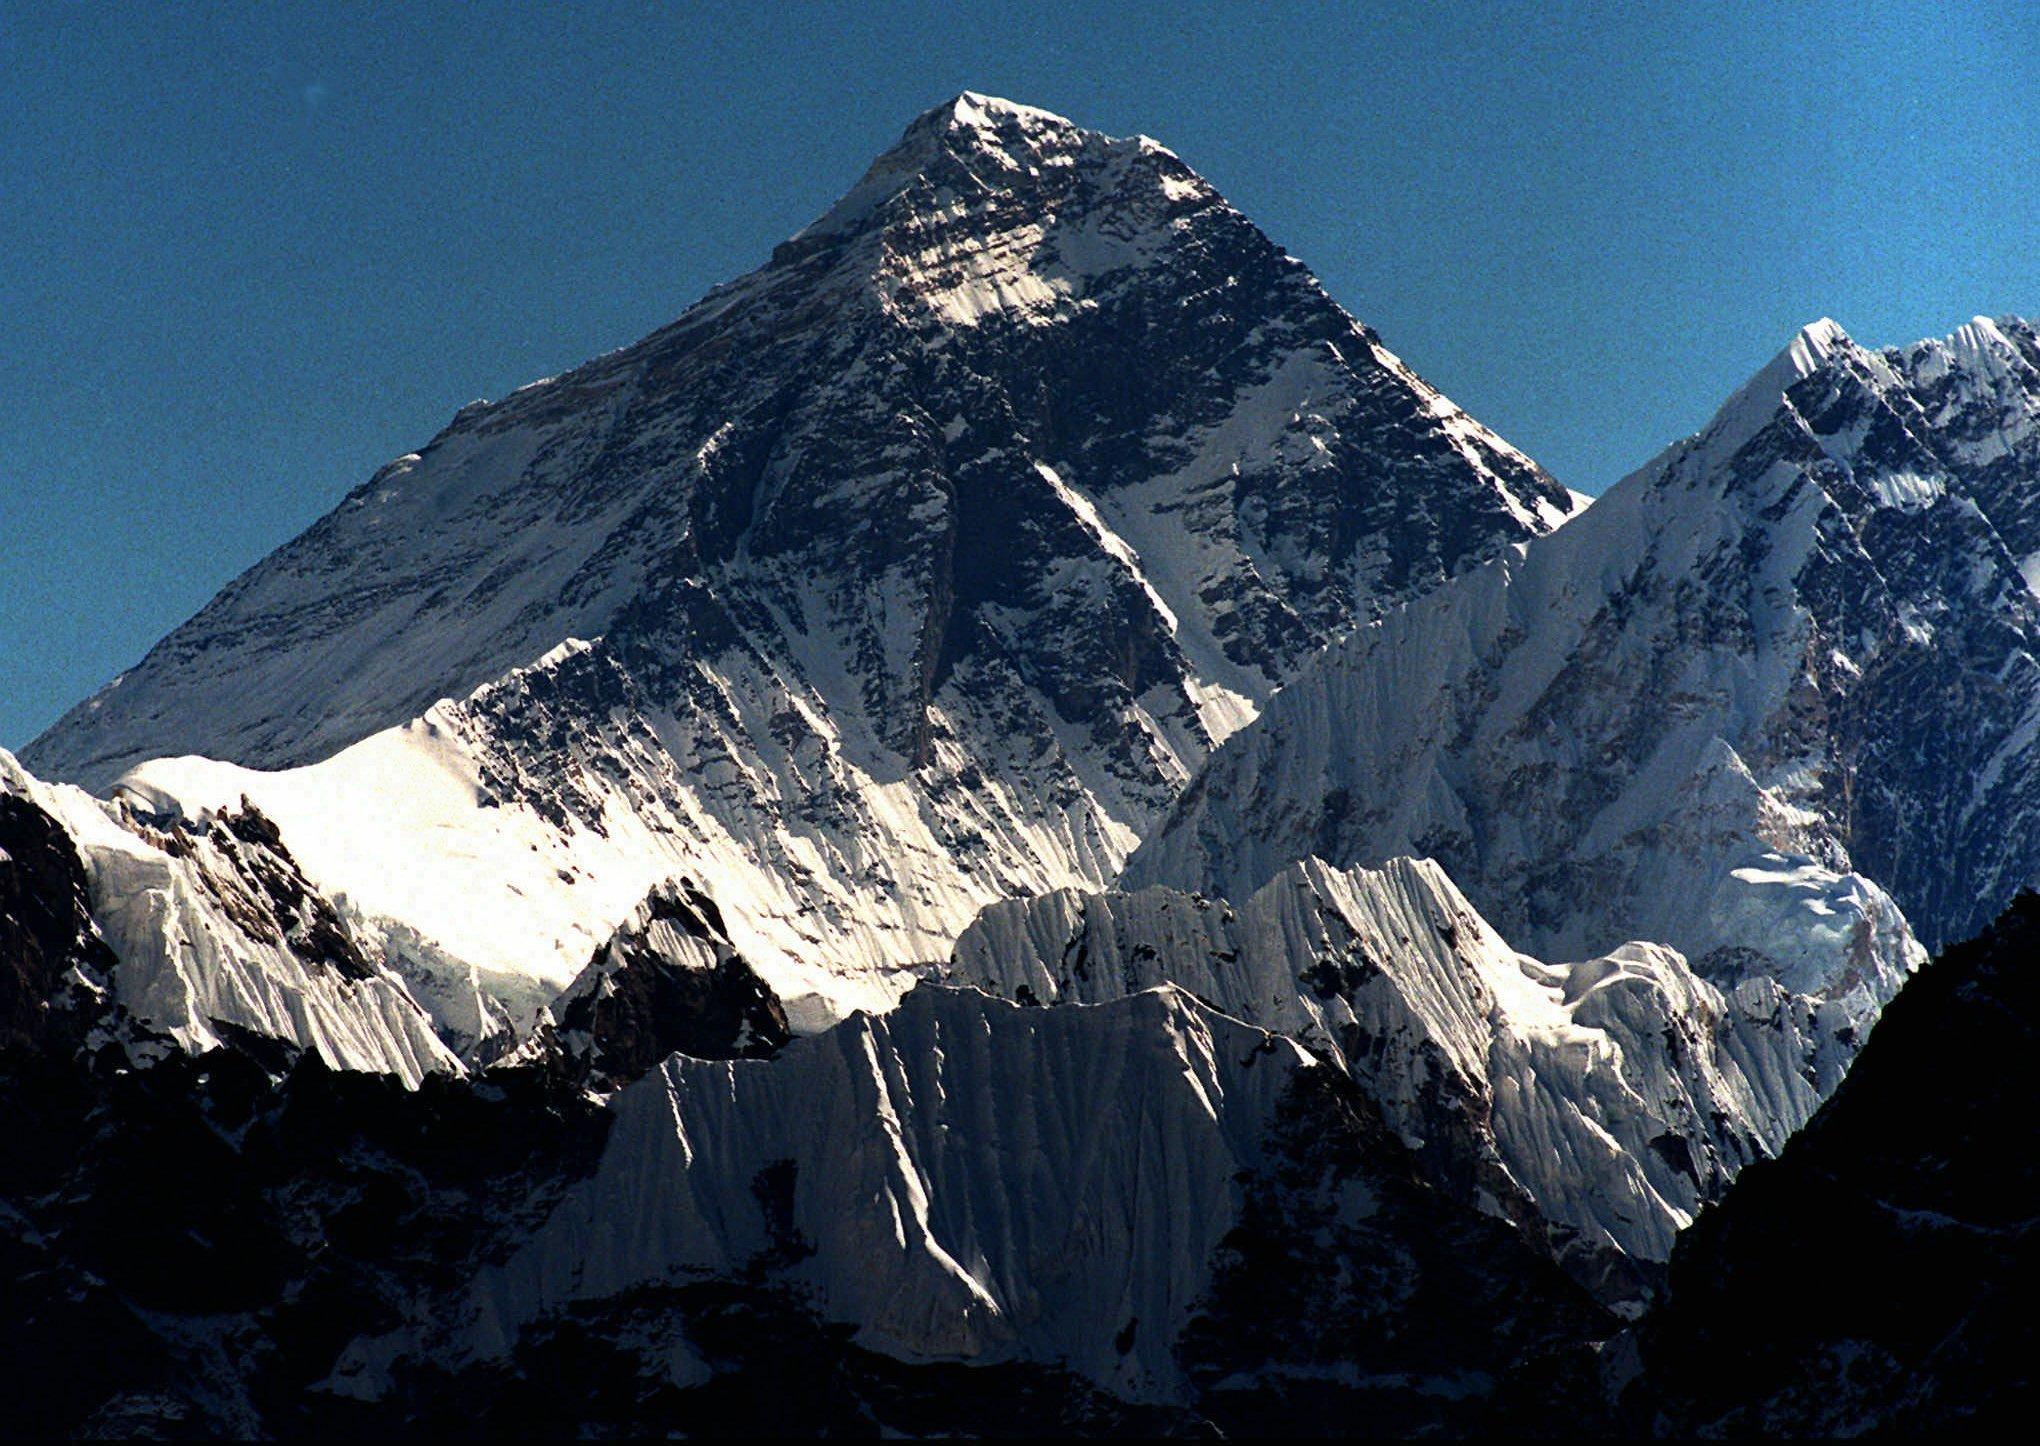 Εβερεστ: Δεκάδες σοροί ορειβατών εμφανίζονται με το λιώσιμο των